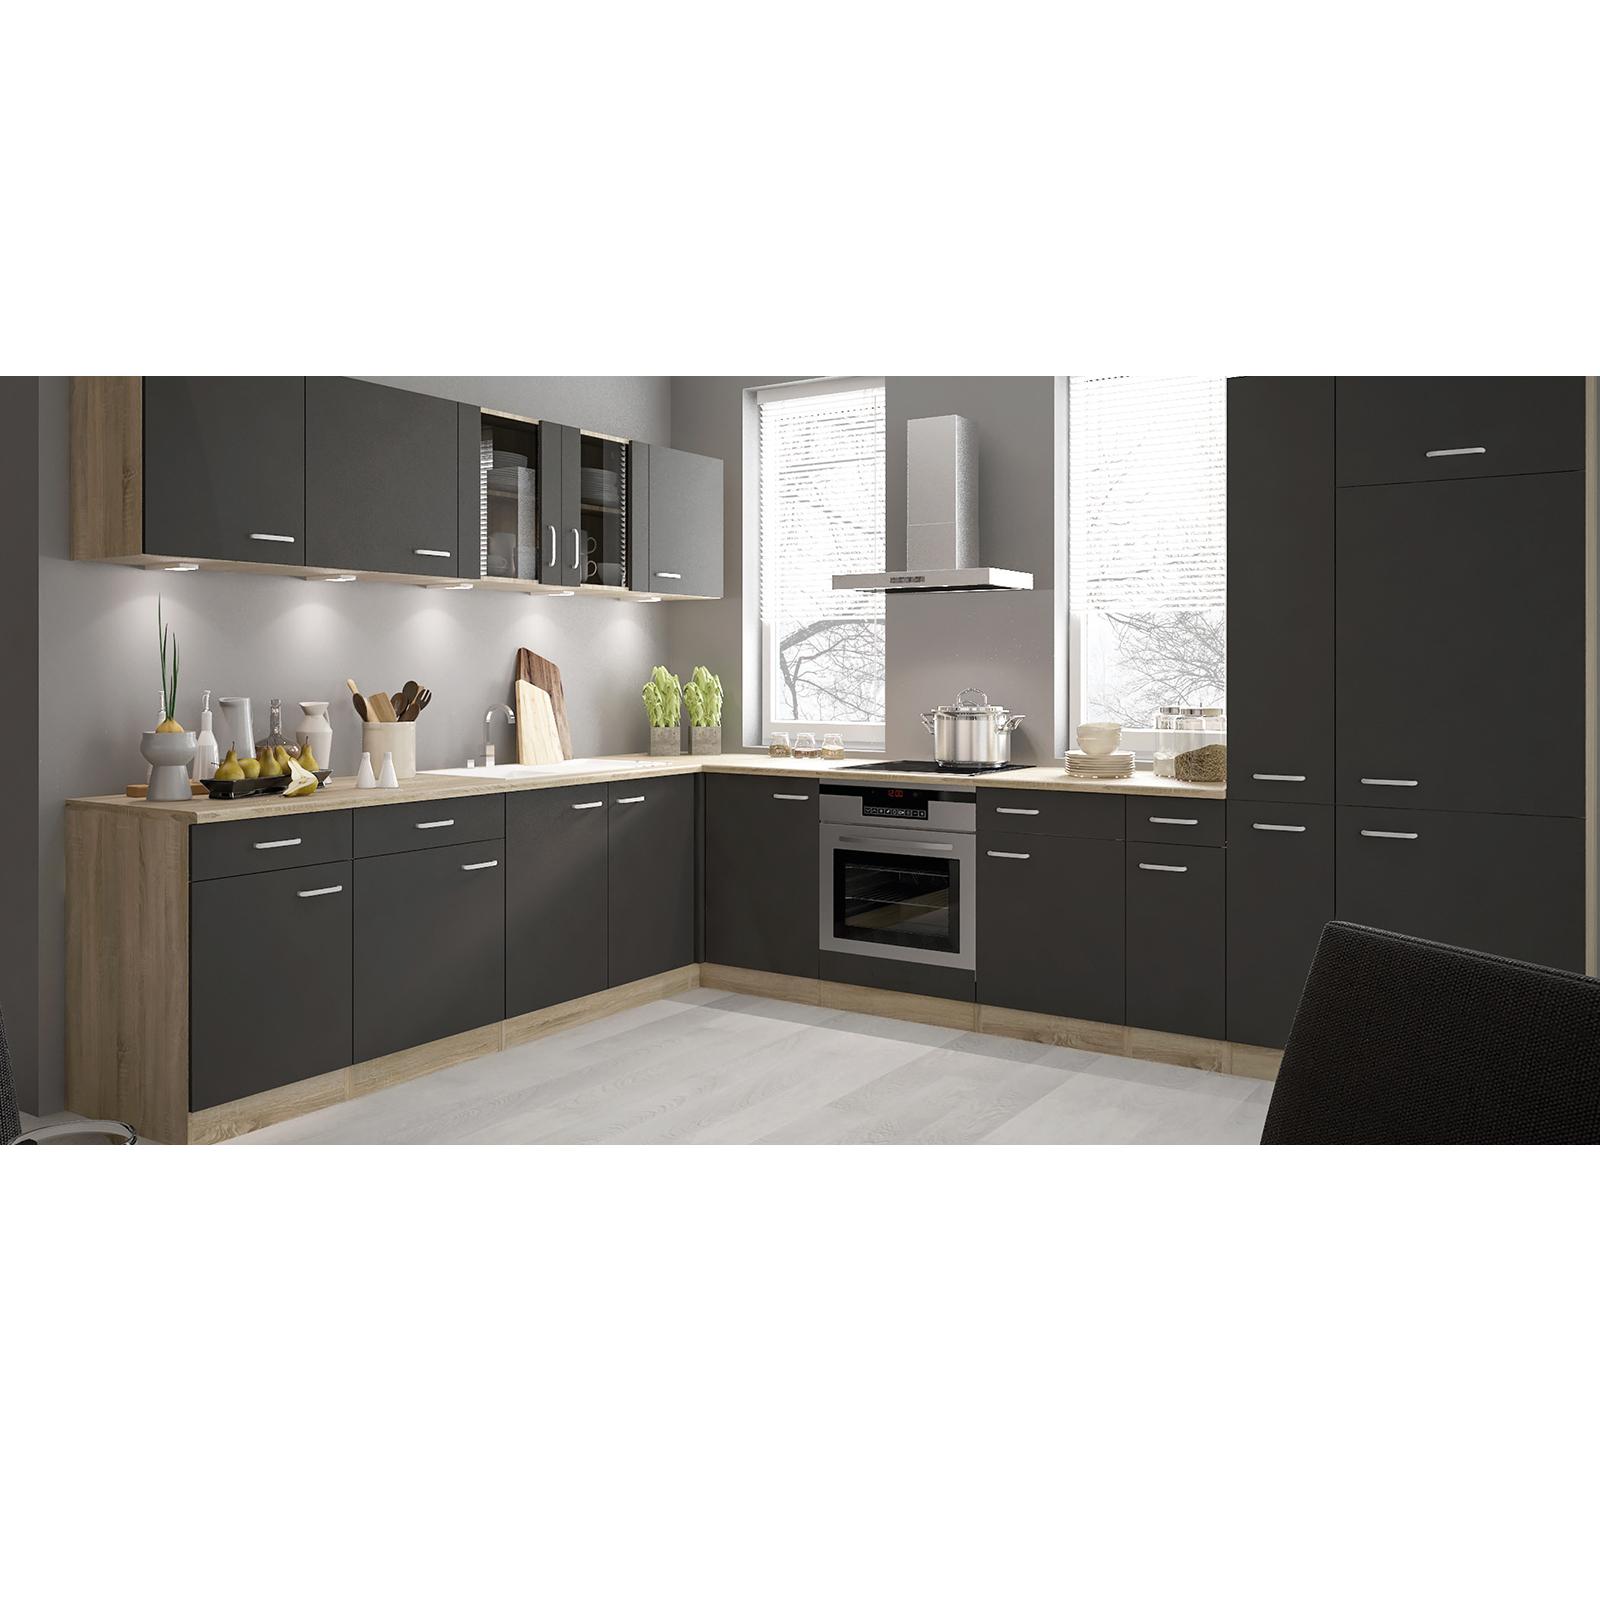 Full Size of Apothekerschrank Anthrazit Sonoma Eiche 30 Cm Breit Online Küche Wohnzimmer Apothekerschrank Halbhoch